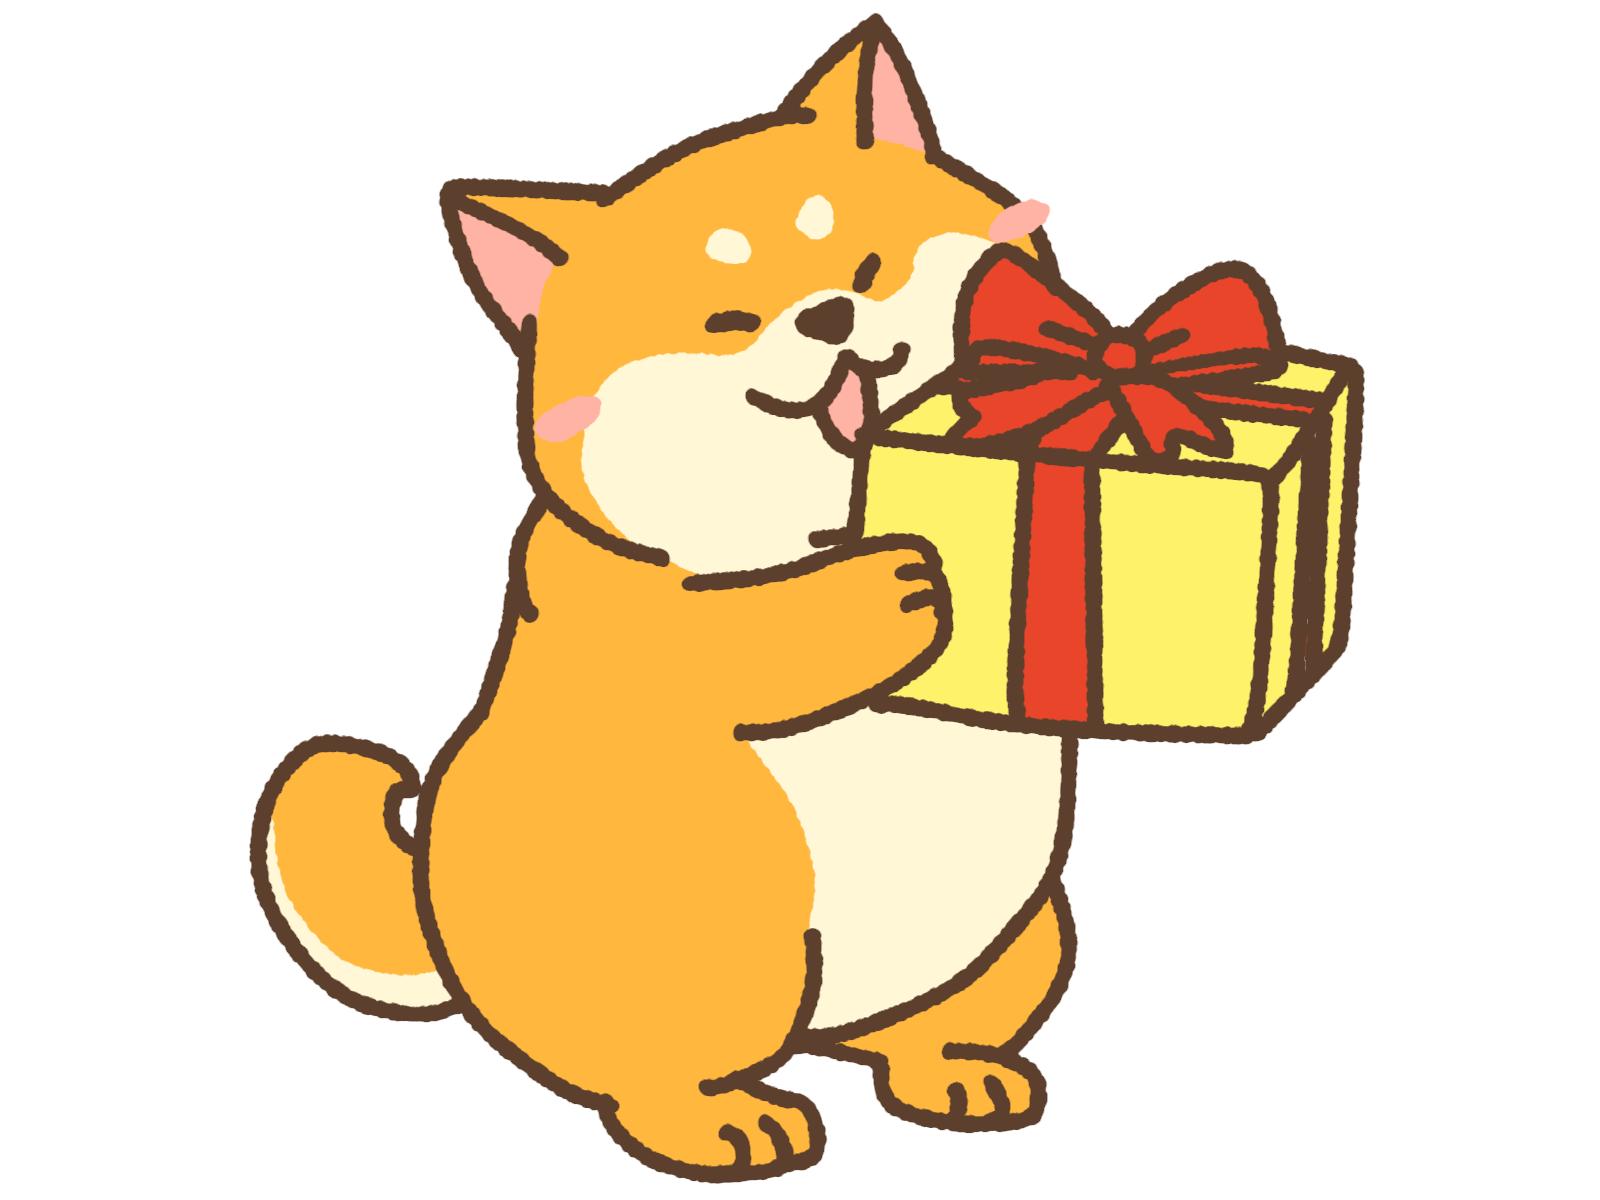 友達に誕生日プレゼントを渡すイメージ画像